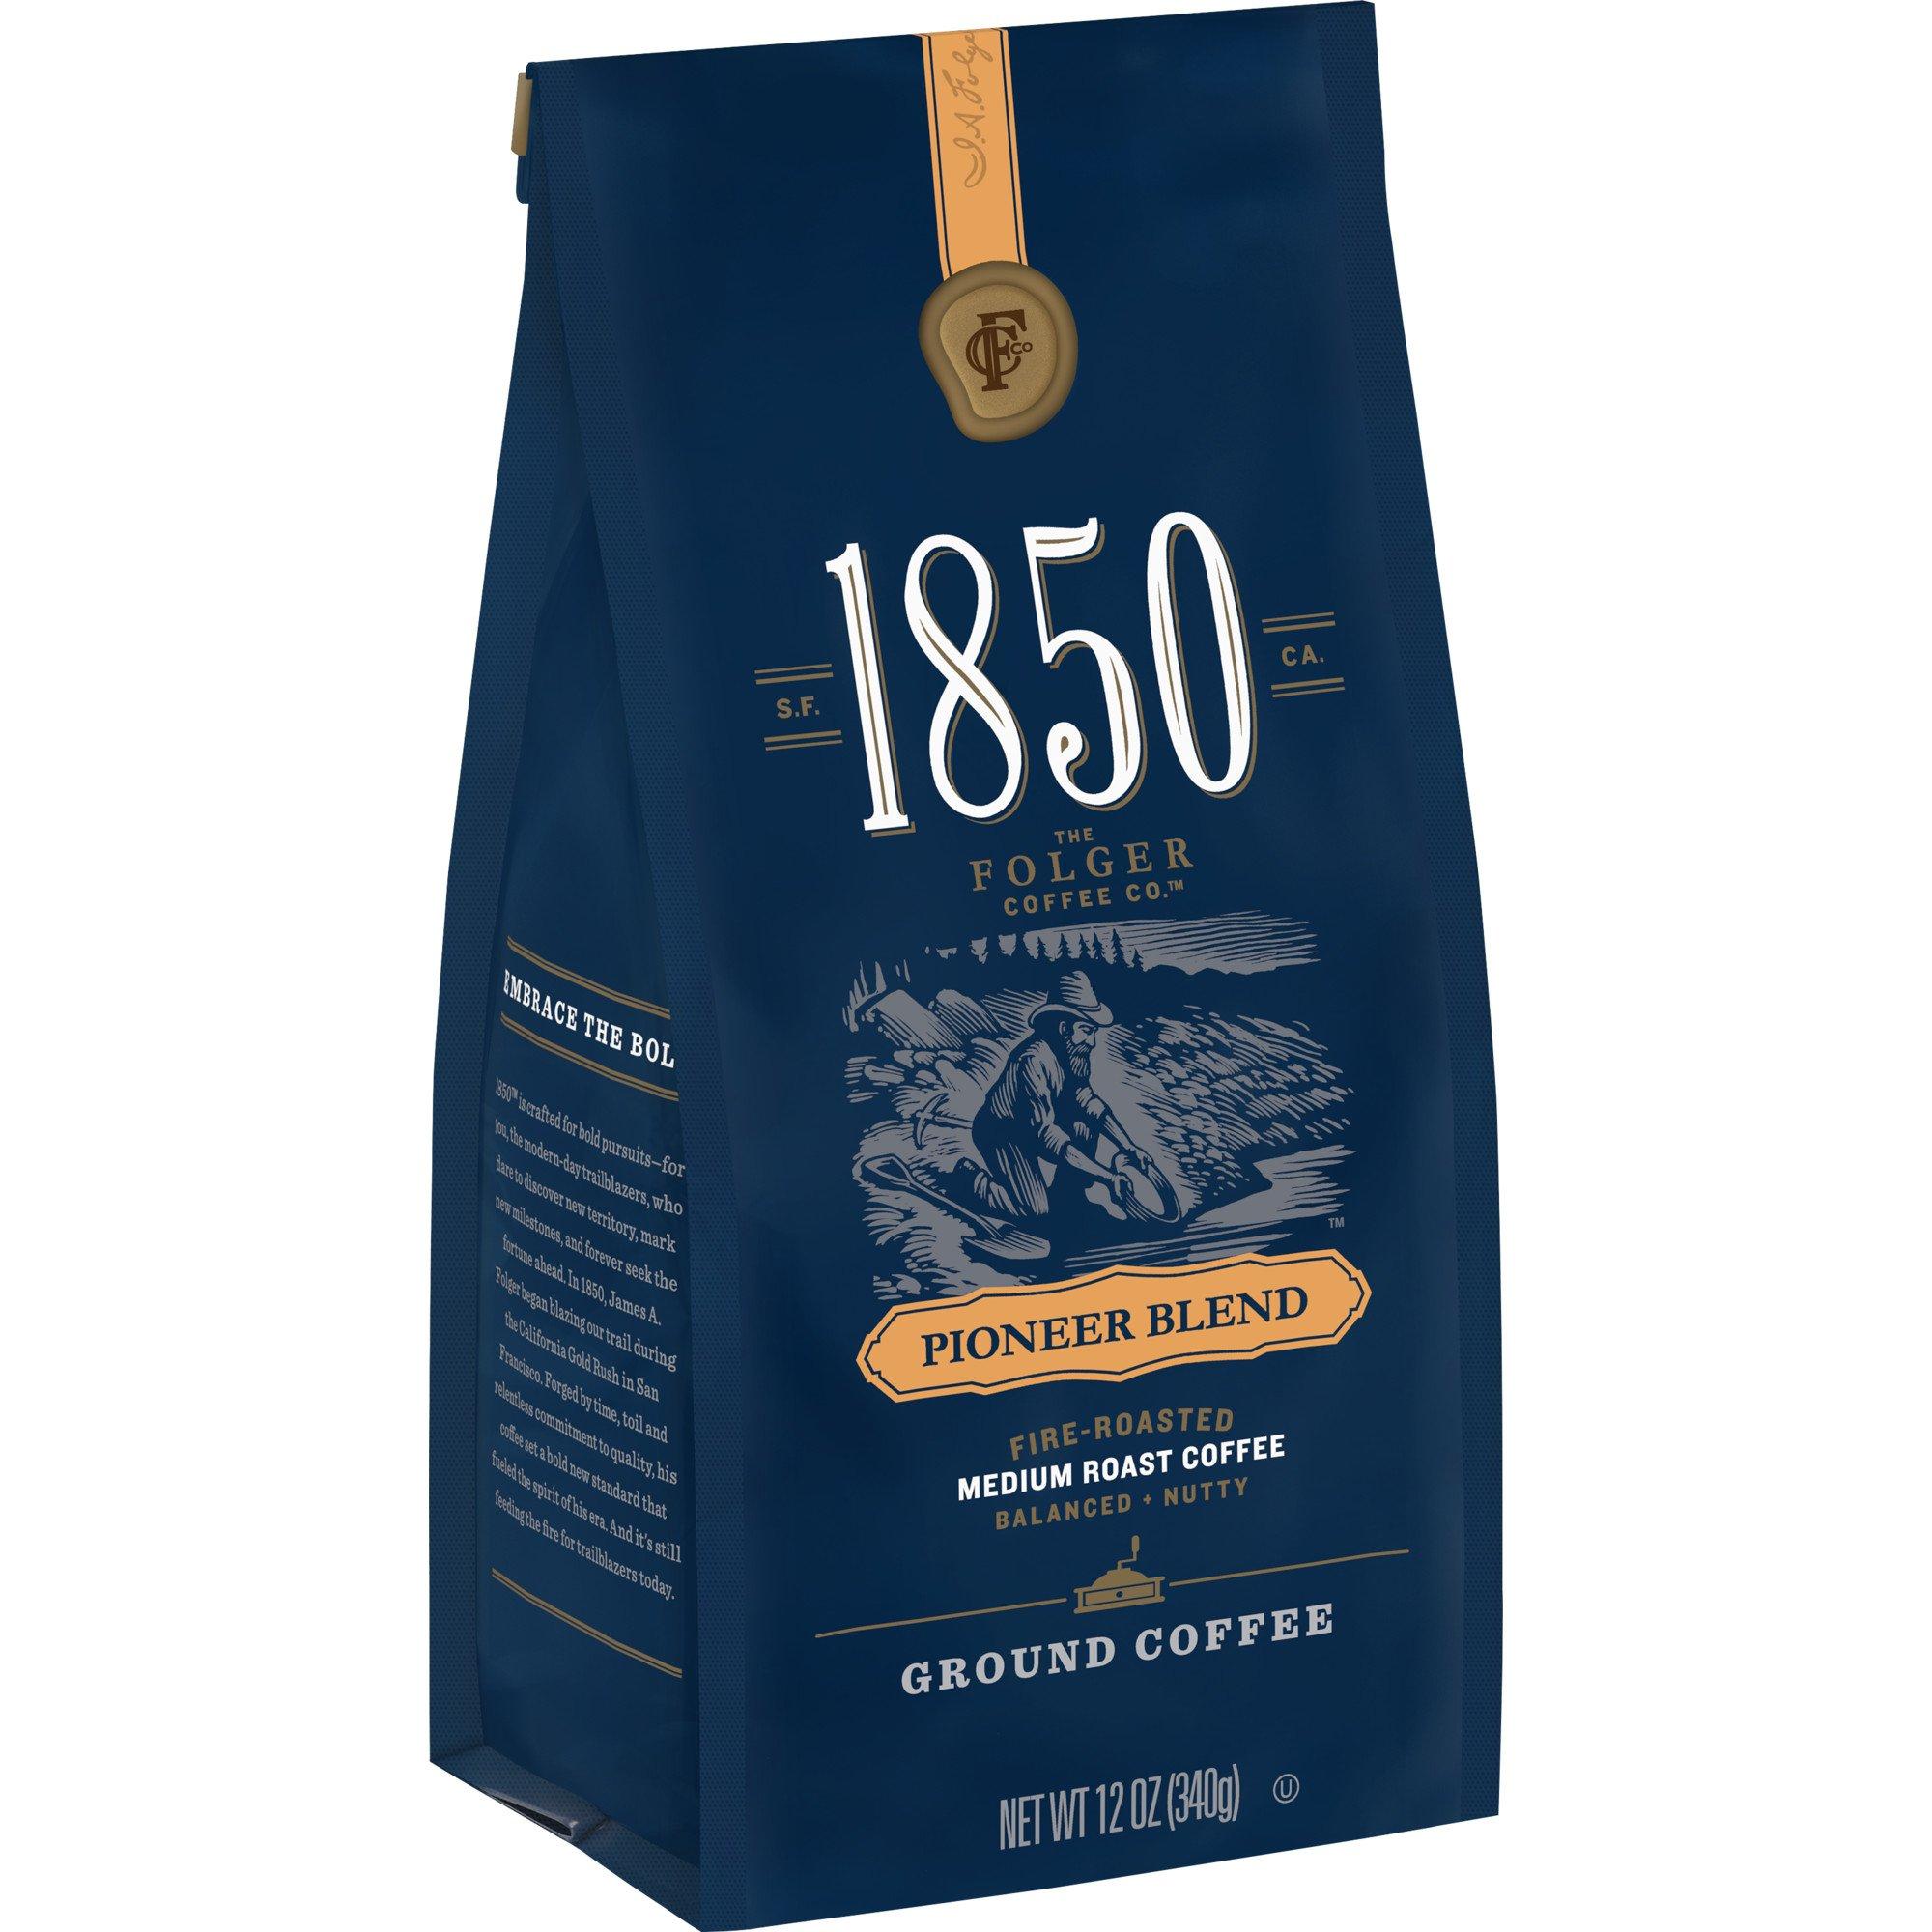 1850 Pioneer Blend, Medium Roast Ground Coffee, 12 Ounces (Pack of 6)